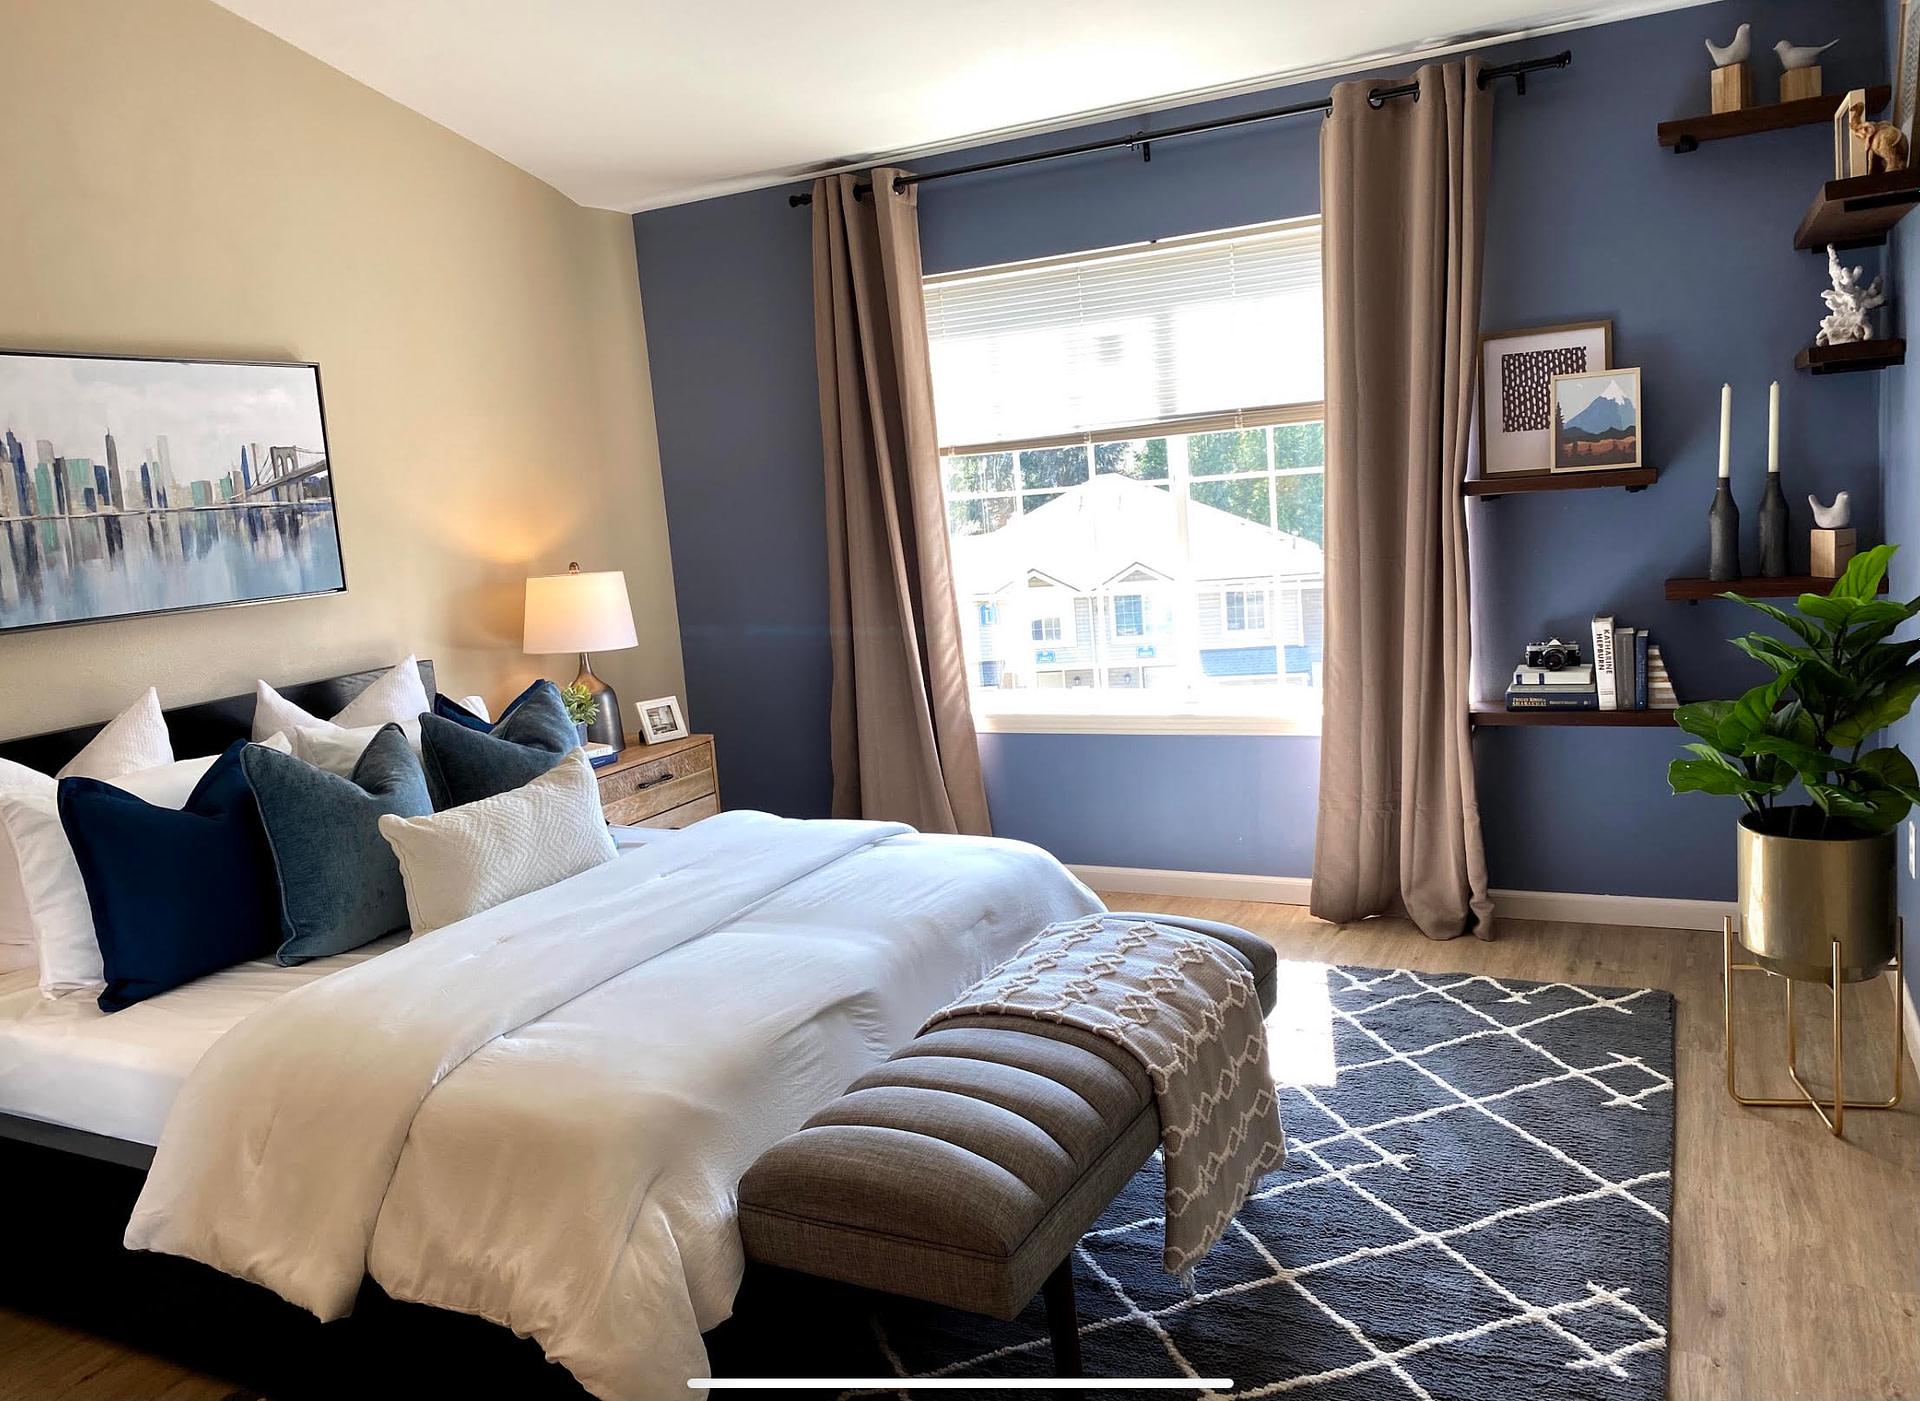 Redmond - Bedroom After Staging